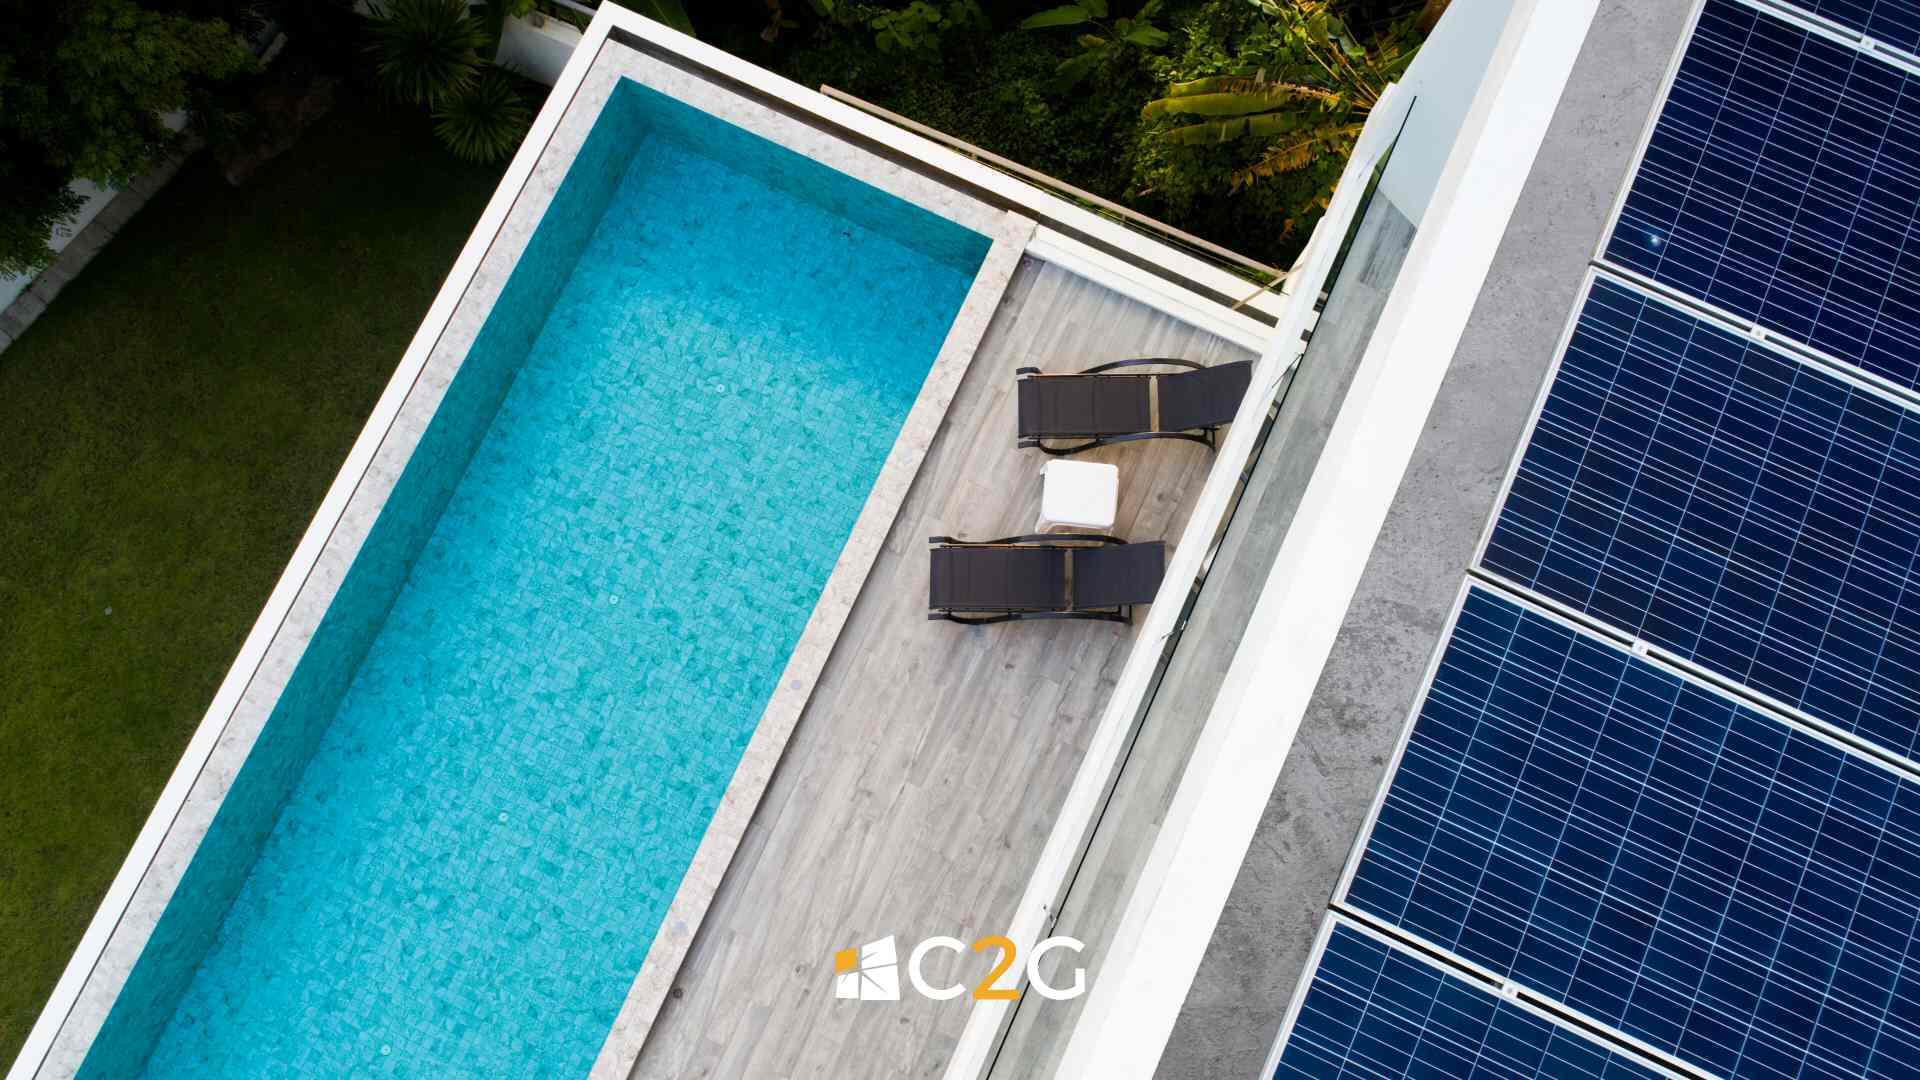 Impianti fotovoltaici per hotel- C2G Solar